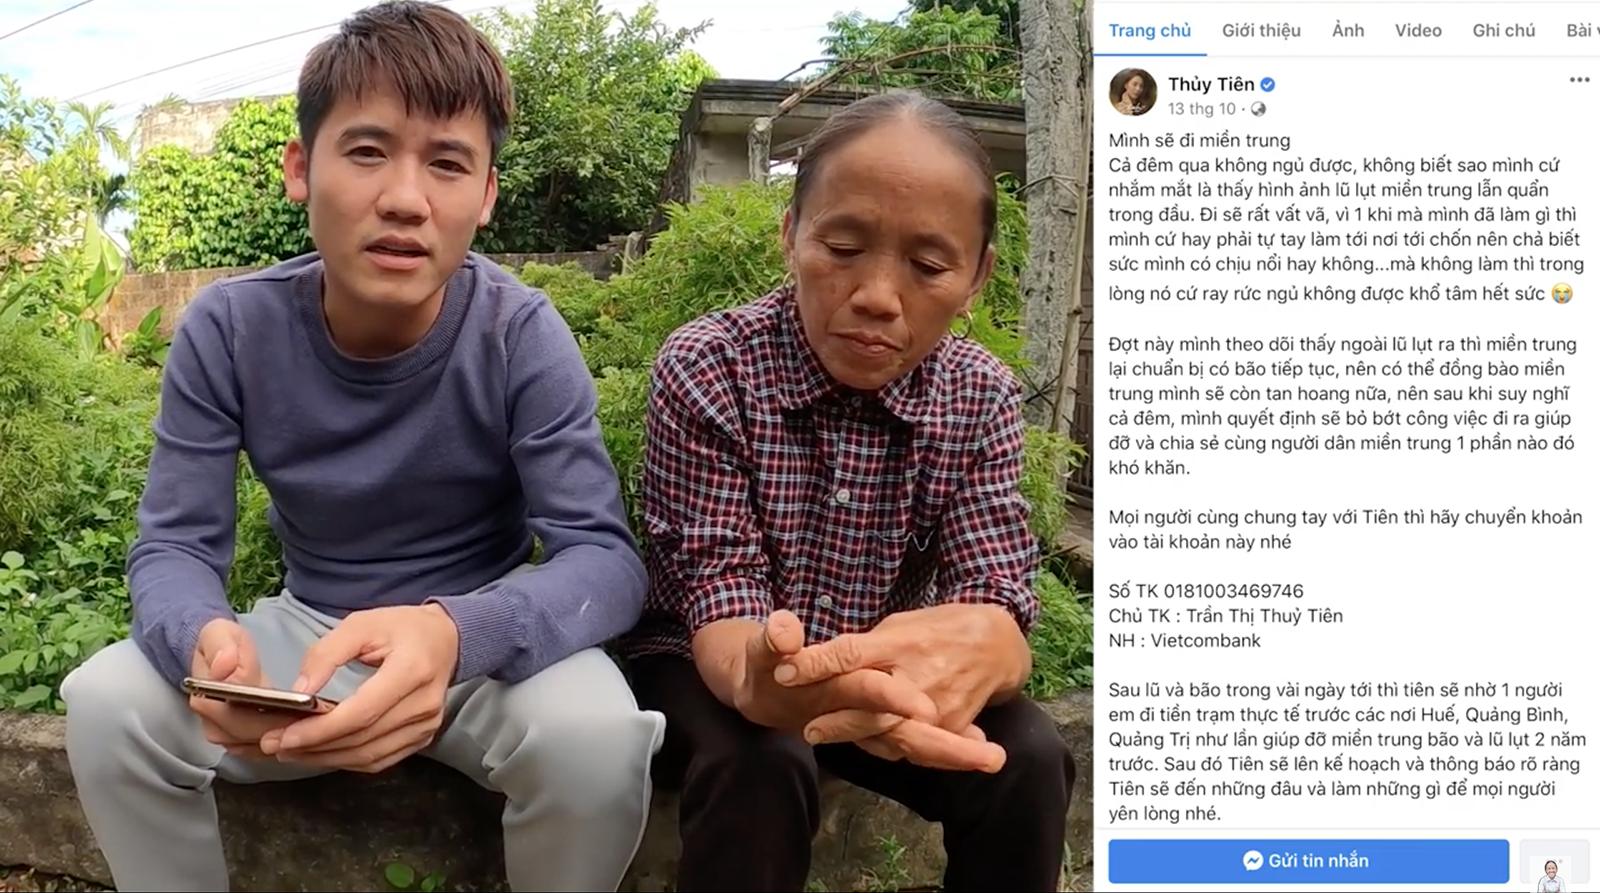 Bà Tân Vlog gửi thẳng 50 triệu đồng cho Thuỷ Tiên để ủng hộ cứu trợ đồng bào miền Trung - Ảnh 1.